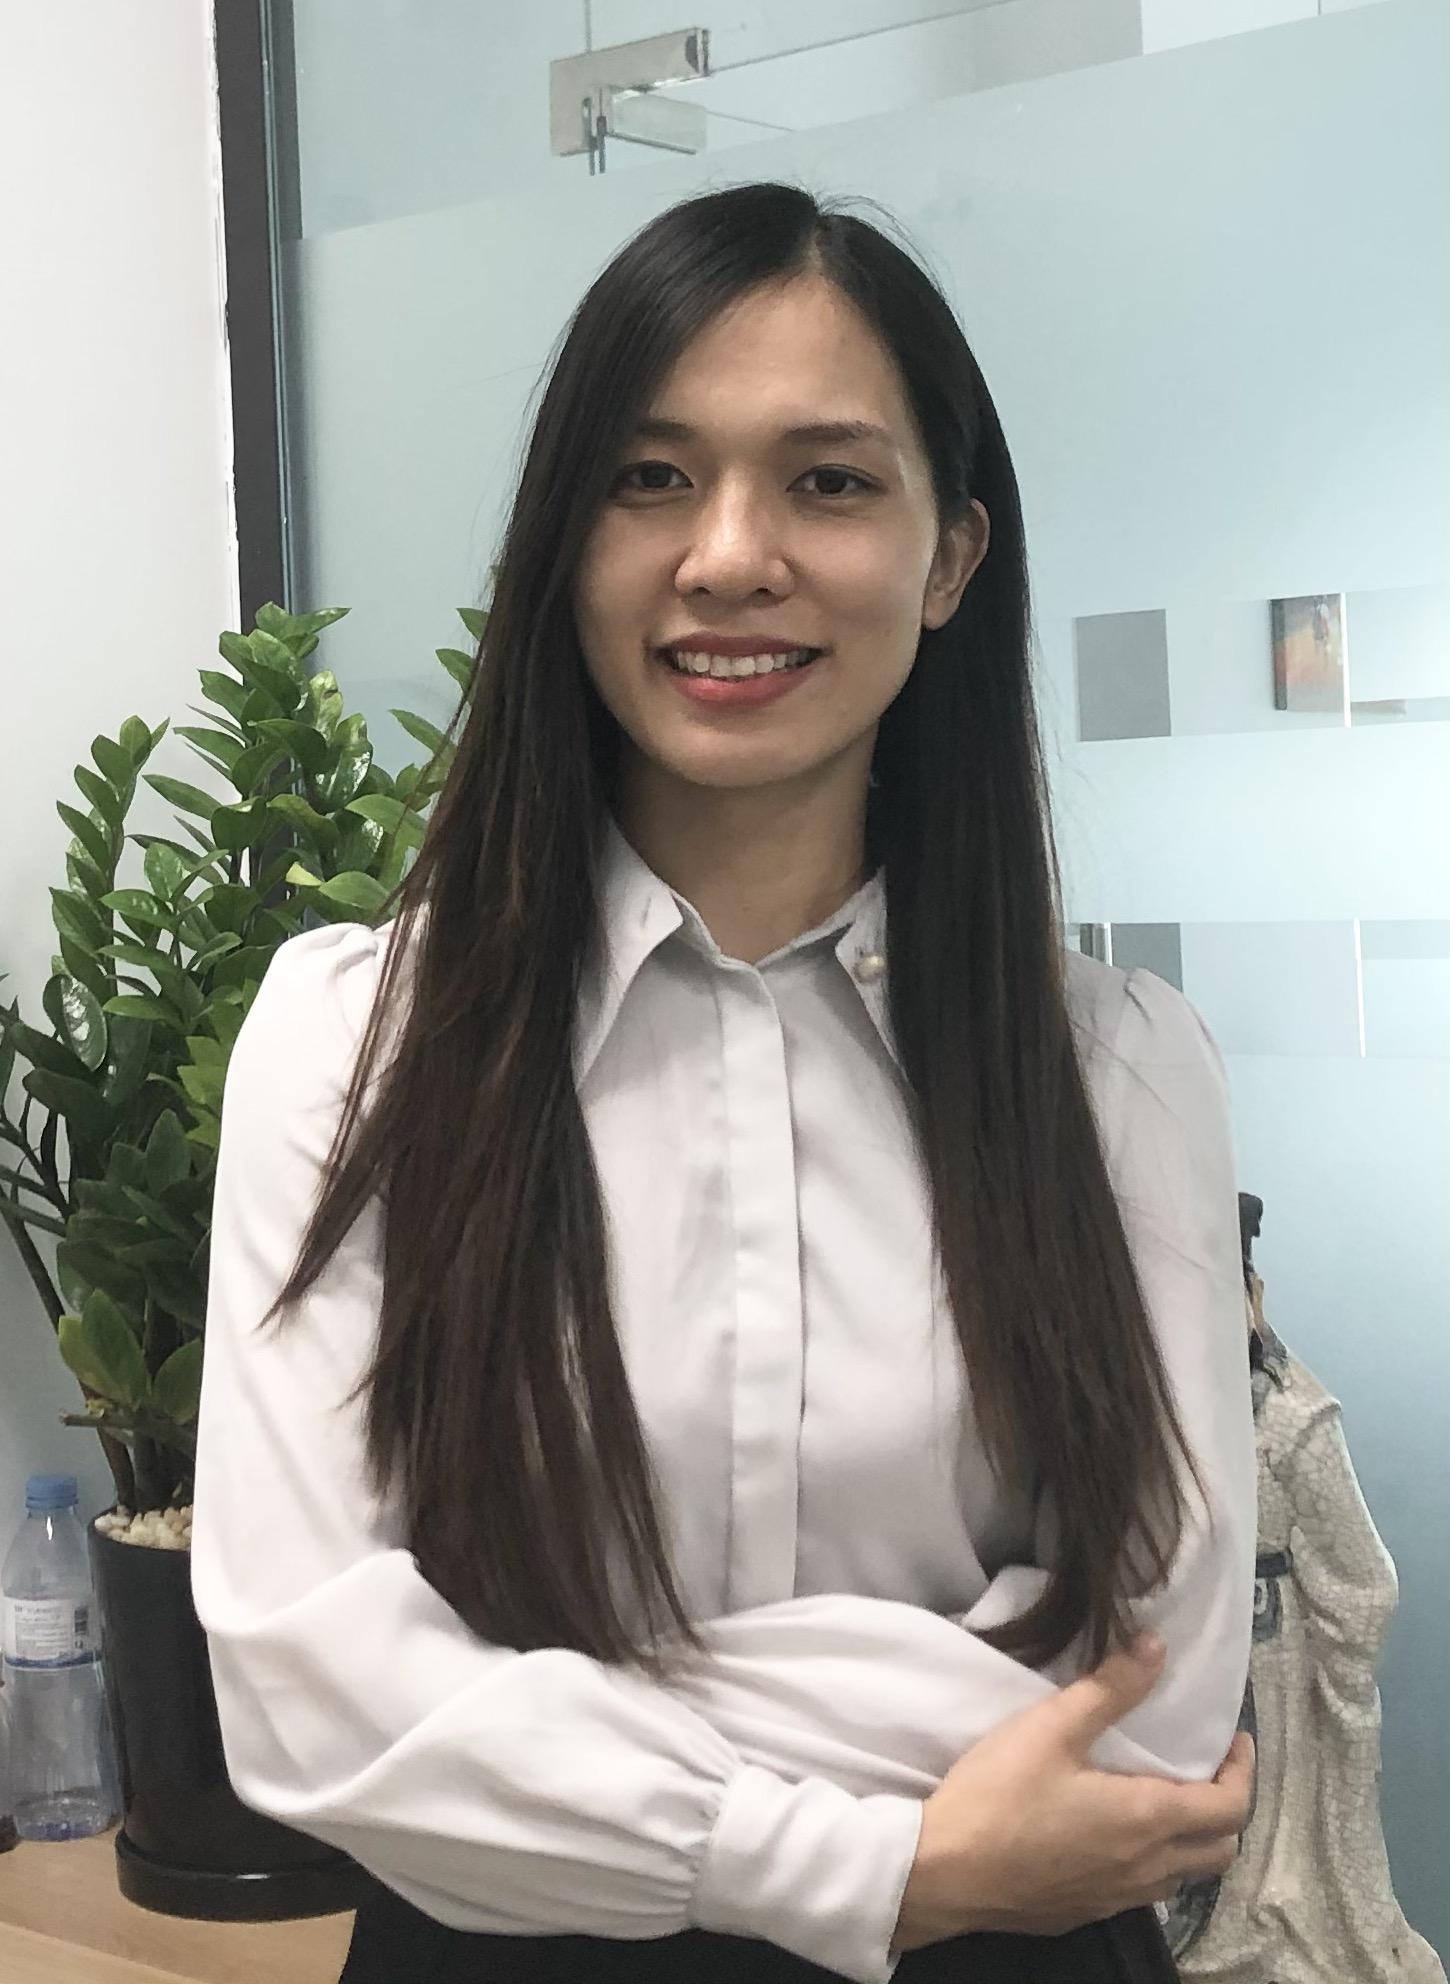 Luật sư Đỗ Thị Khánh Huyền